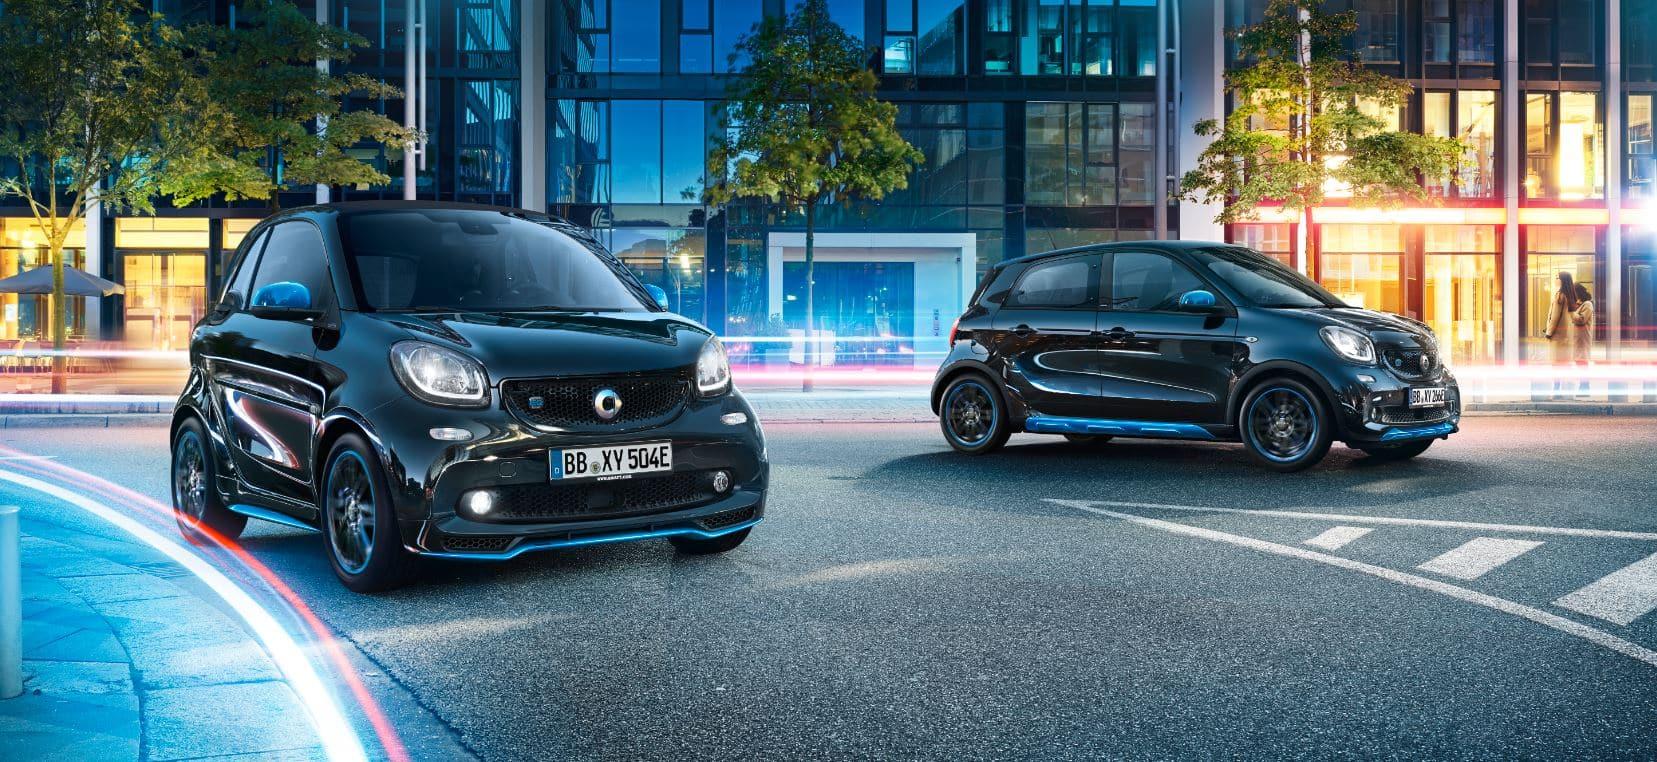 Los Smart son de los coches eléctricos más baratos que puedes encontrar en España